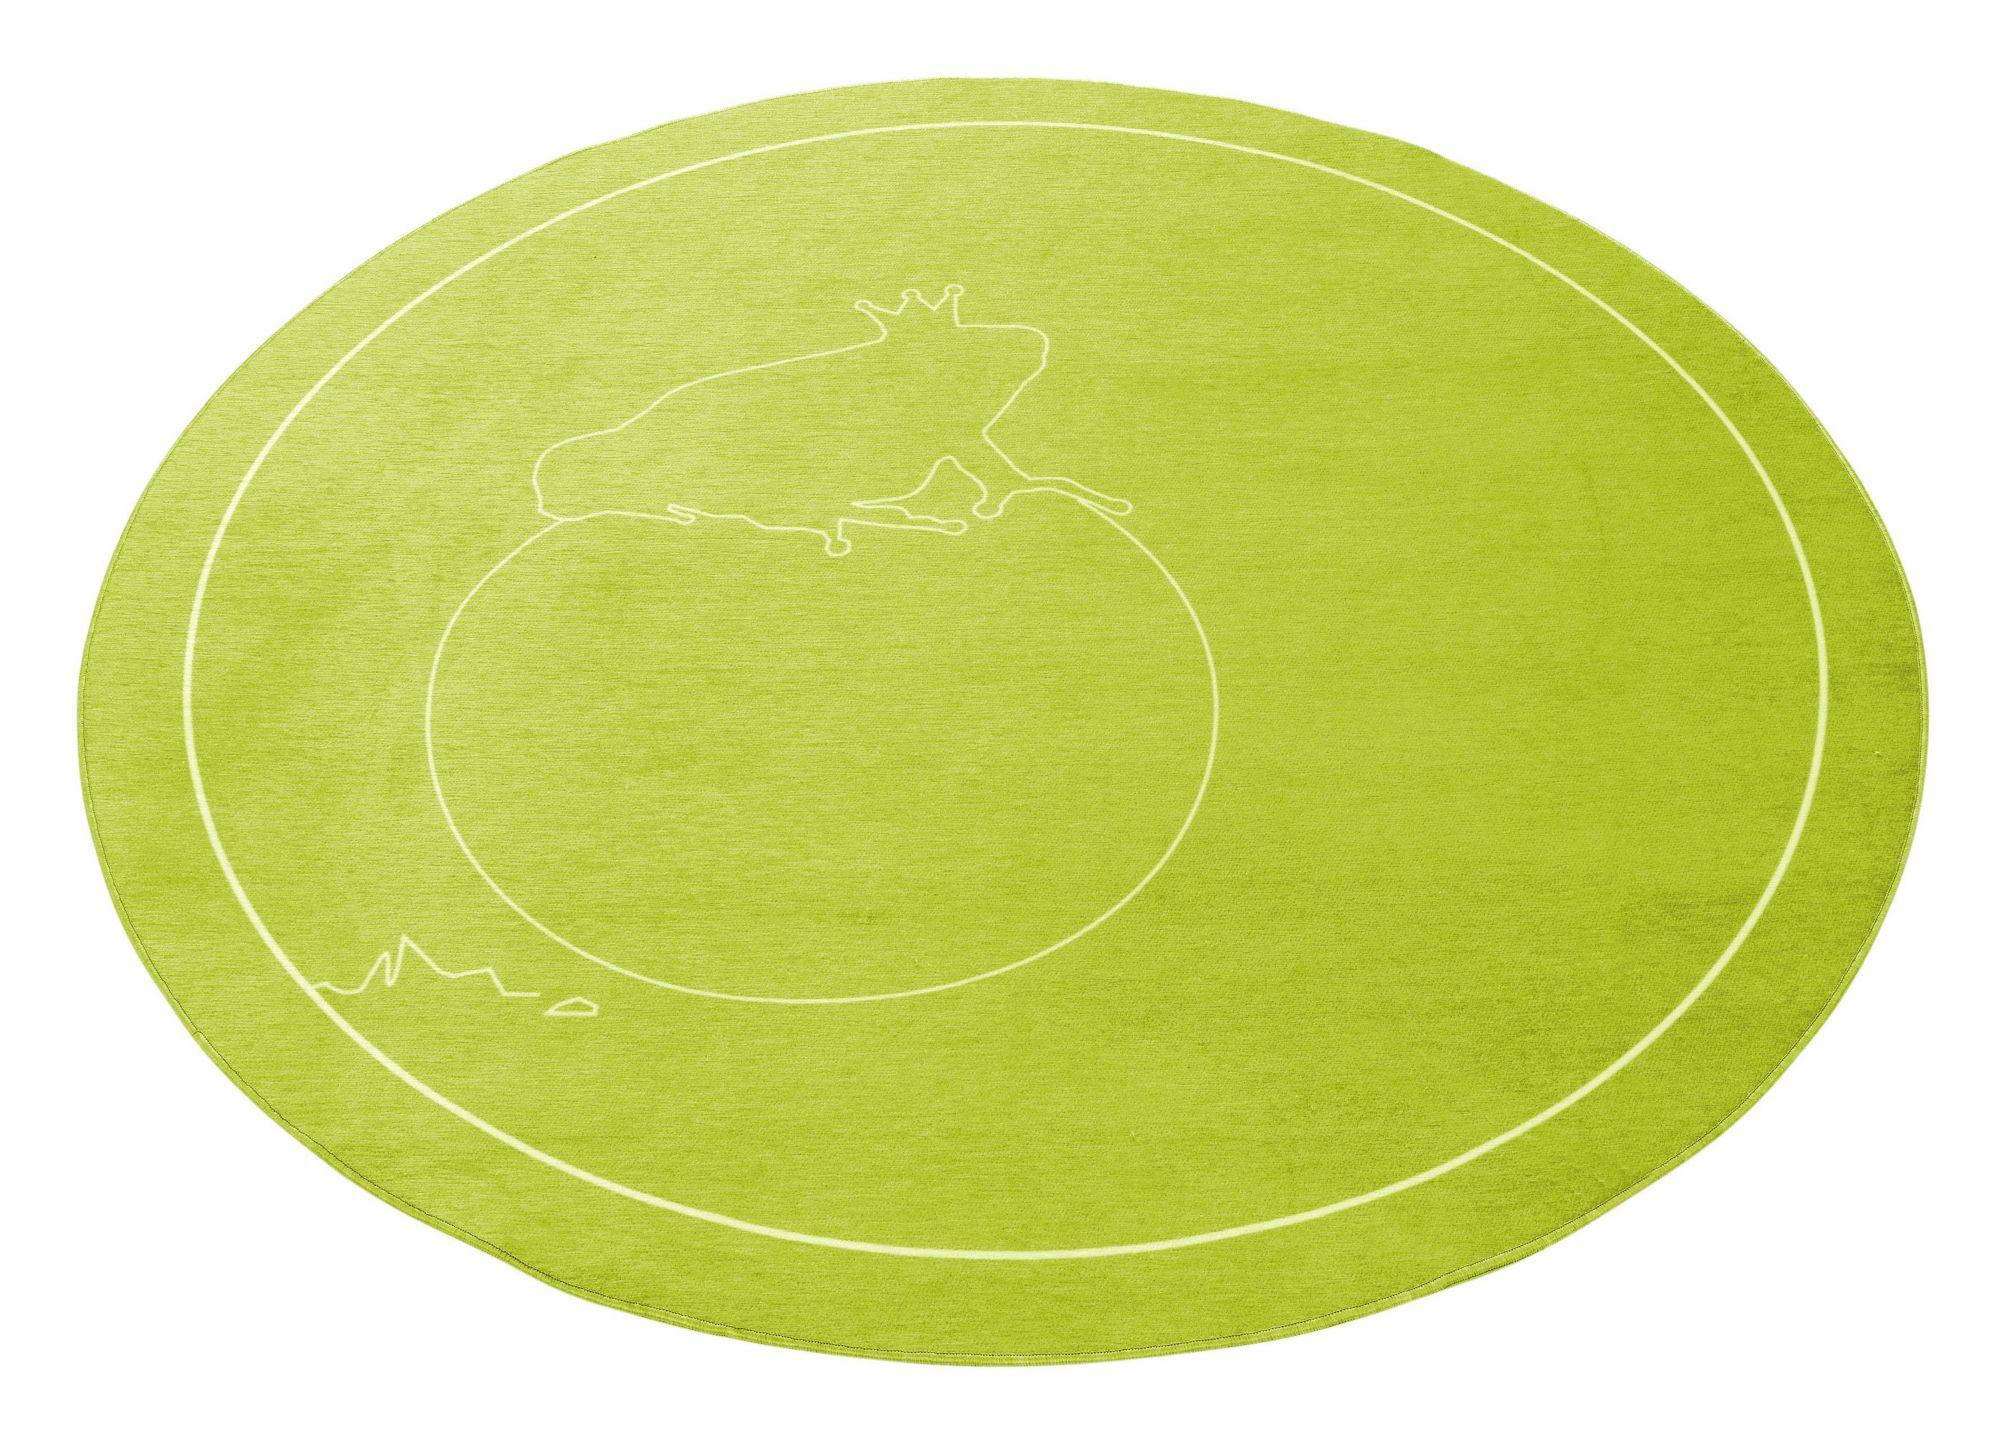 GRIMMLIIS Kinder-Teppich, rund, Grimmliis, »Märchen 2«, Höhe 2 mm,  Flachgewebe